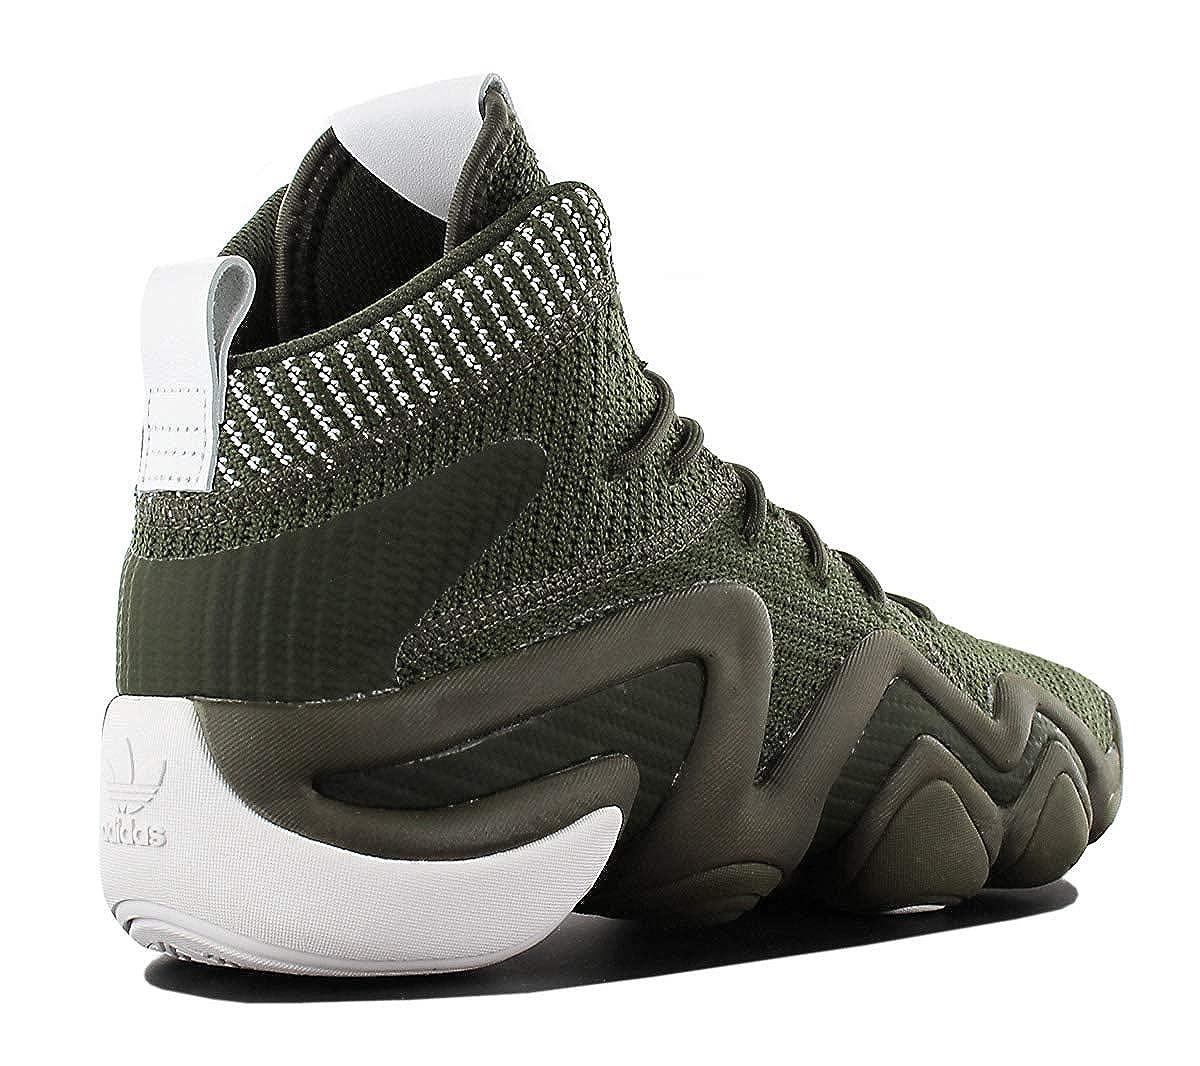 Adidas Herren Crazy 8 ADV Pk Fitnessschuhe Fitnessschuhe Fitnessschuhe B071X7CNDF Basketballschuhe ein guter Ruf in der Welt 082215